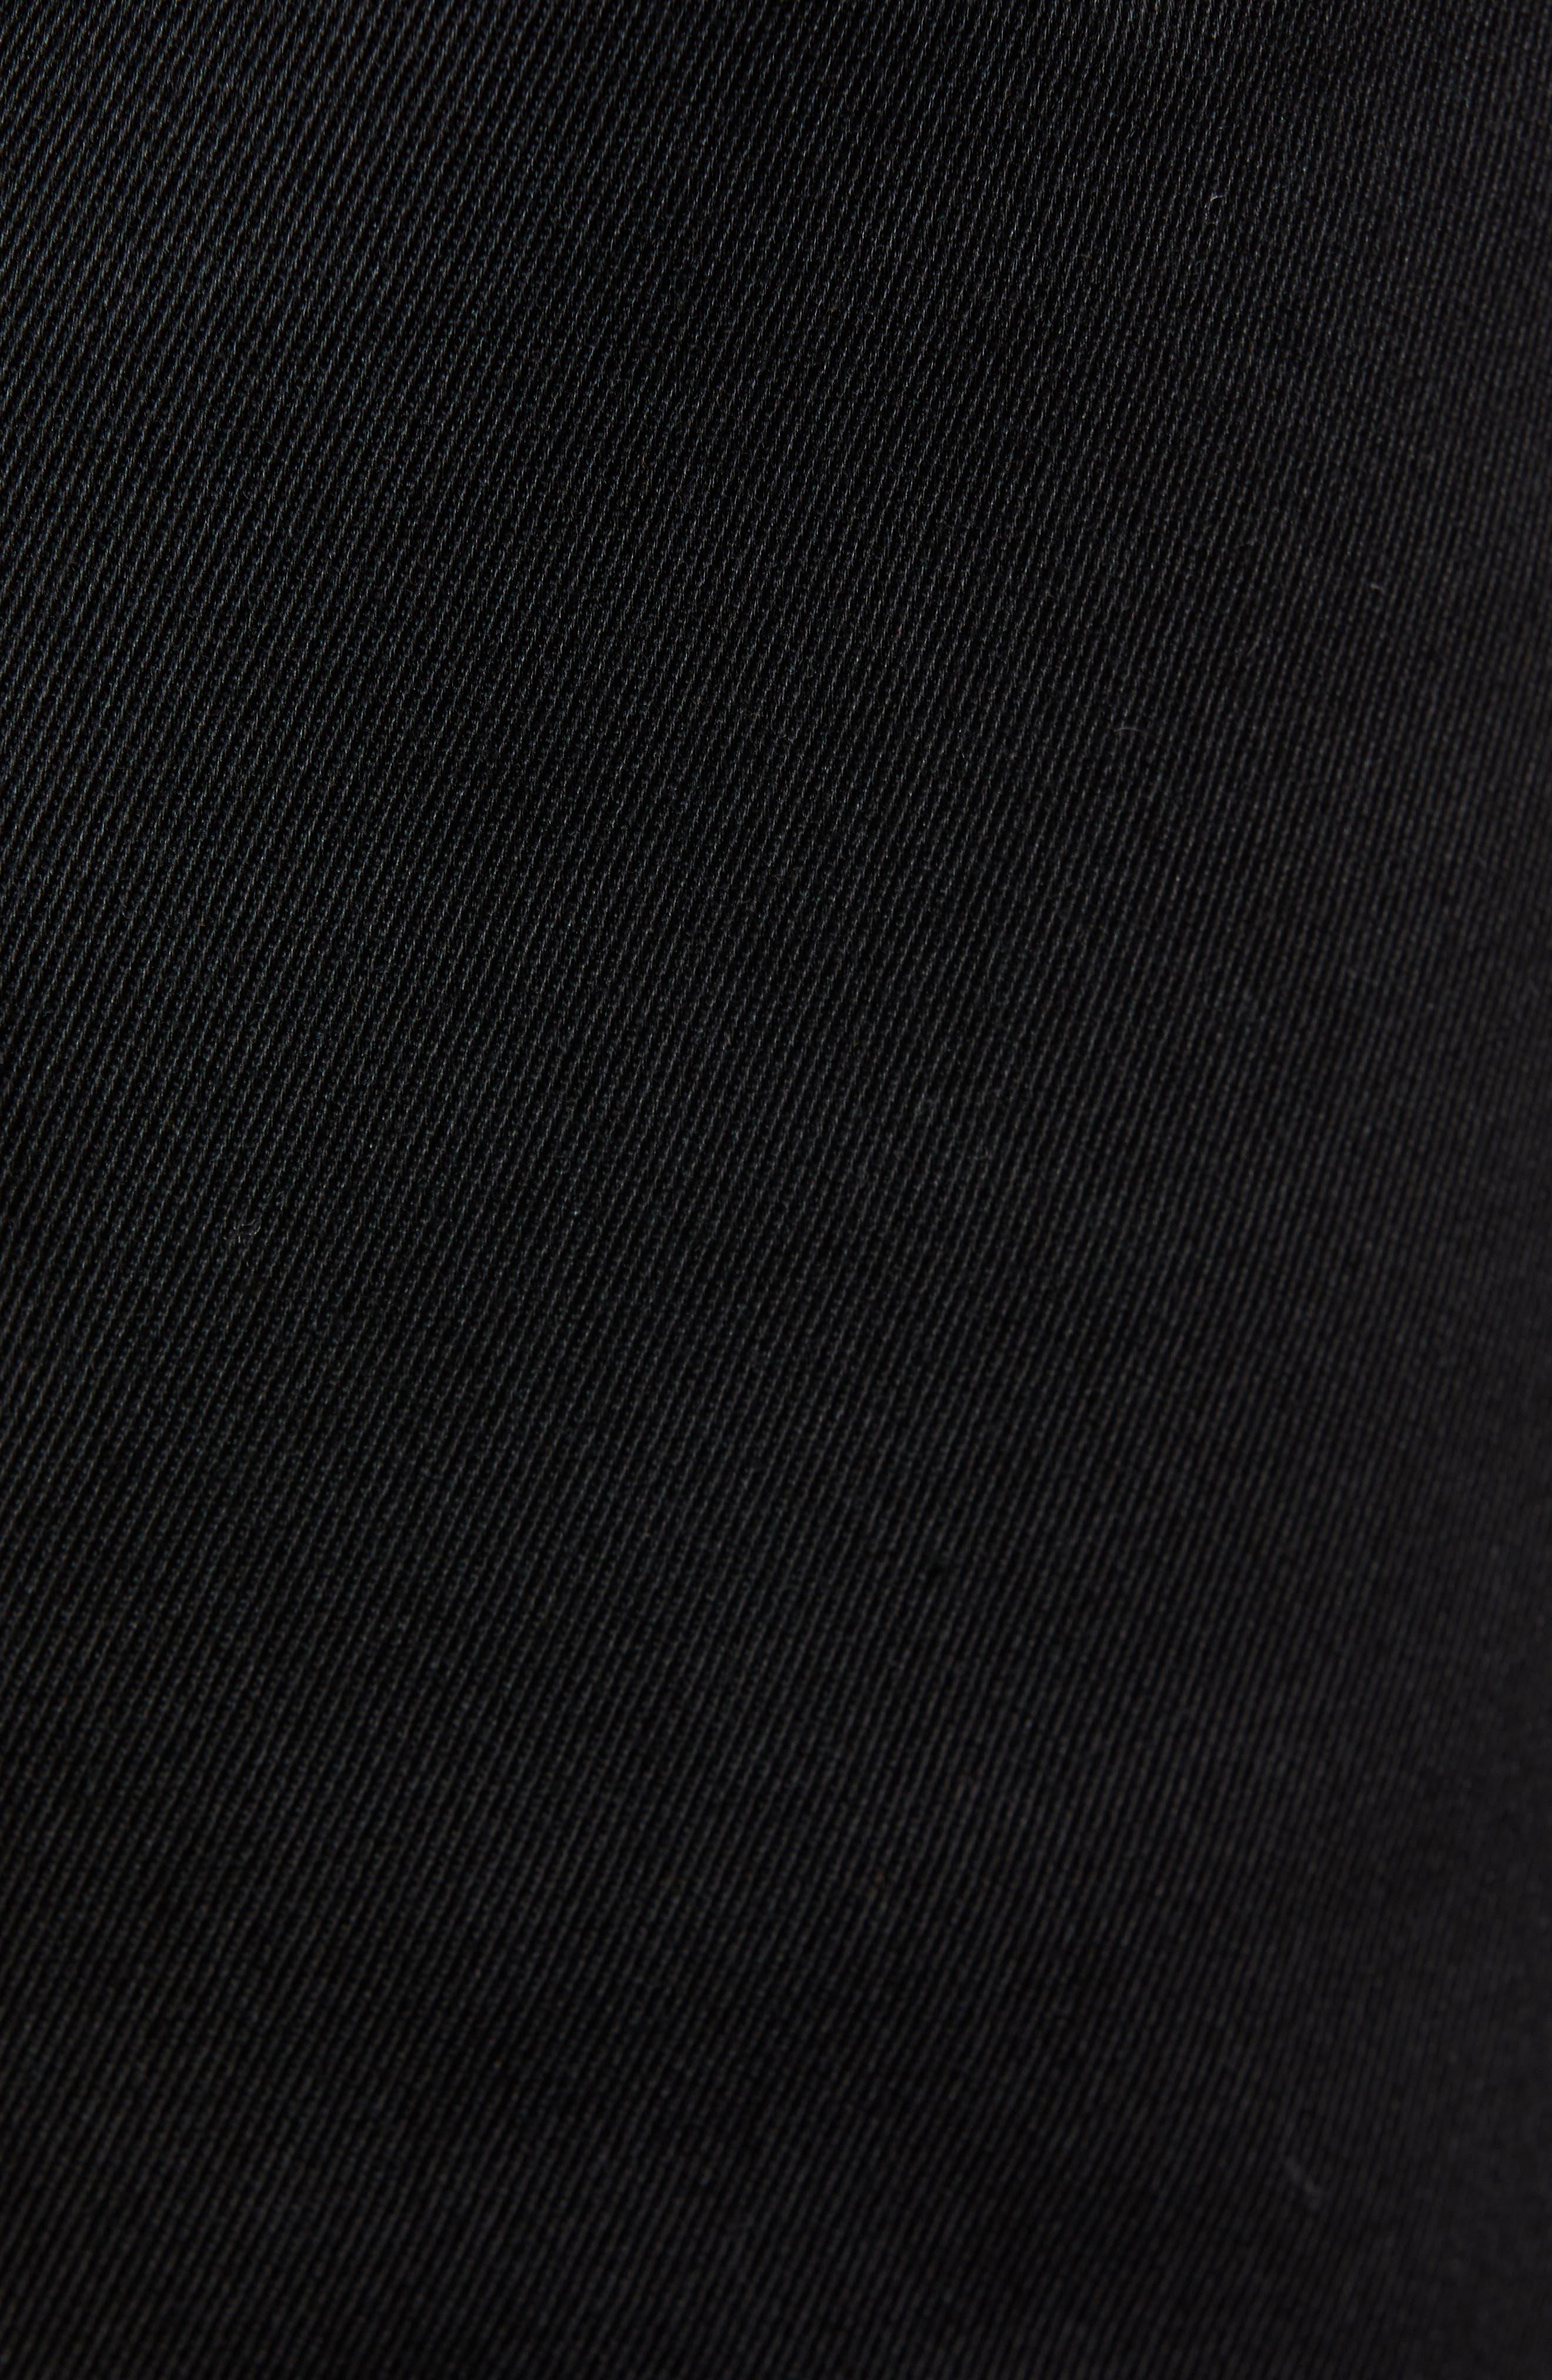 CARHARTT WORK IN PROGRESS,                             Abbott Pants,                             Alternate thumbnail 5, color,                             BLACK